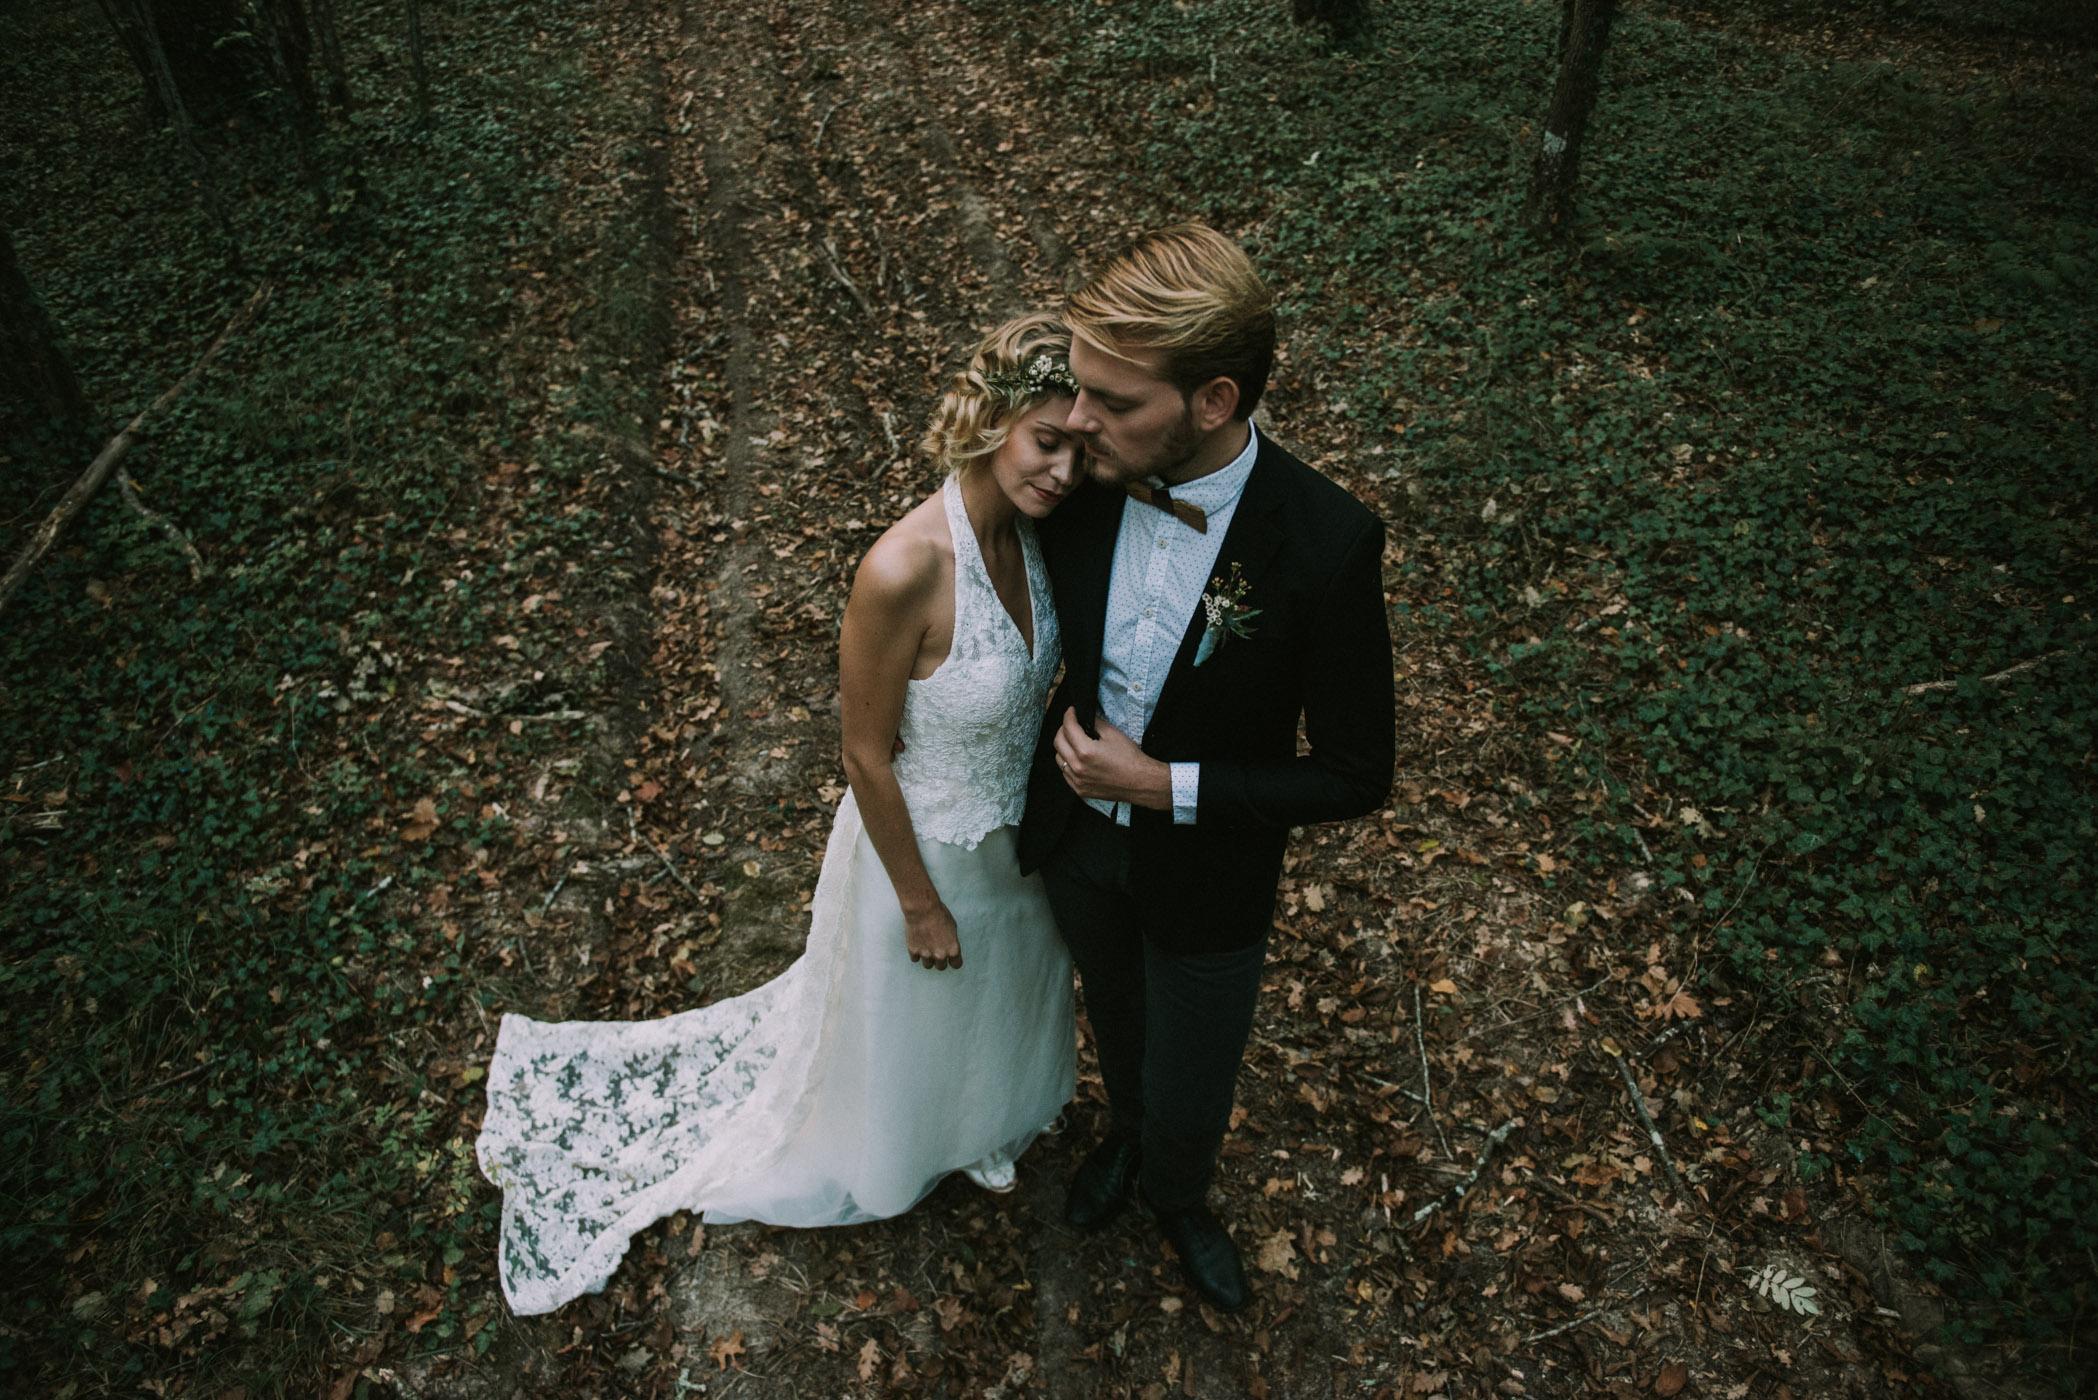 sun-drops-down-shooting-dinspiration-automnal-sous-les-bois-en-dordogne-blog-mariage-la-mariee-sous-les-etoiles-photo-mira-al-pajarito-22